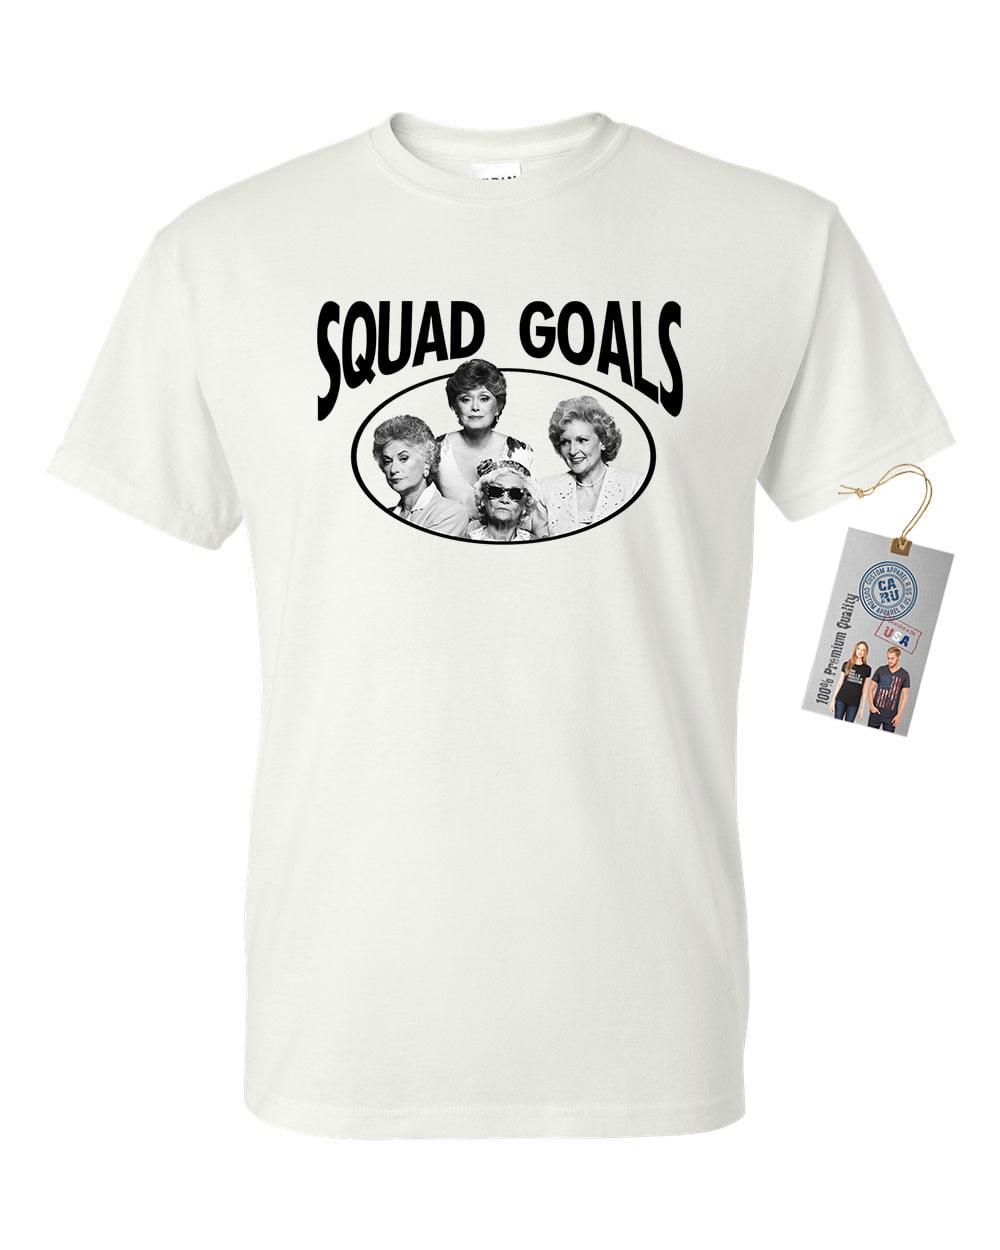 Golden Girls TV Show Squad Goals Mens Short Sleeve Shirt